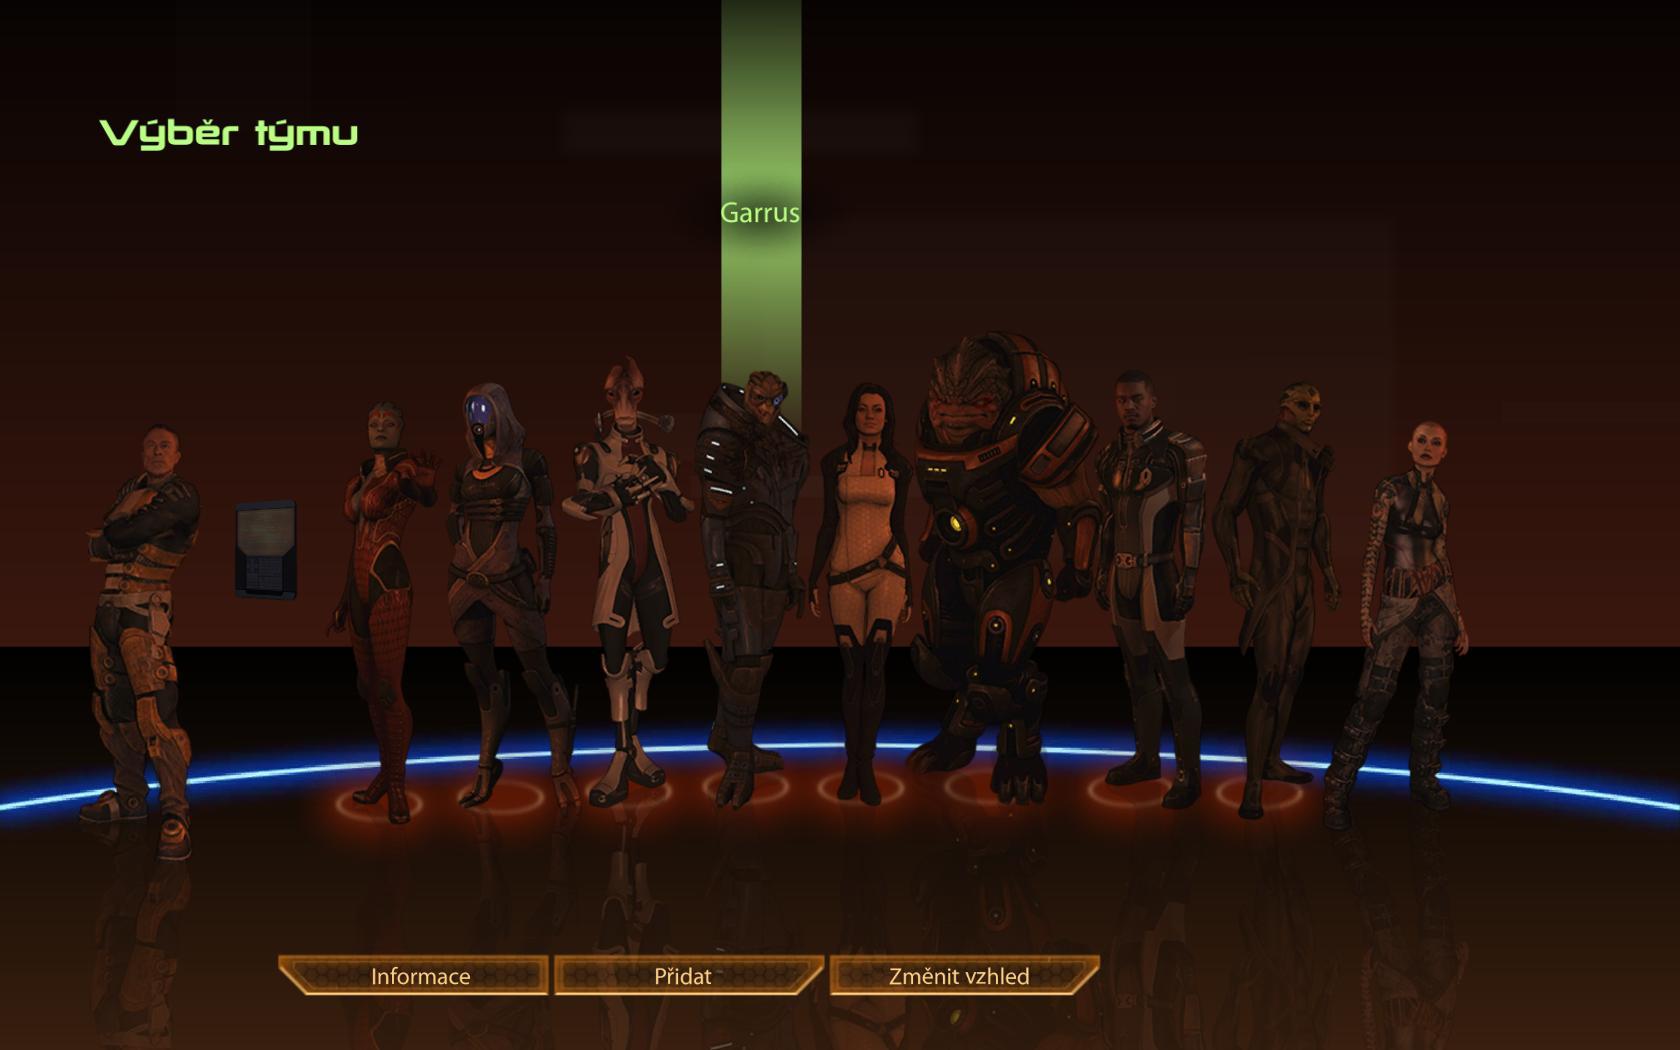 Recenze Mass Effect 2 - RPG snů? 9365